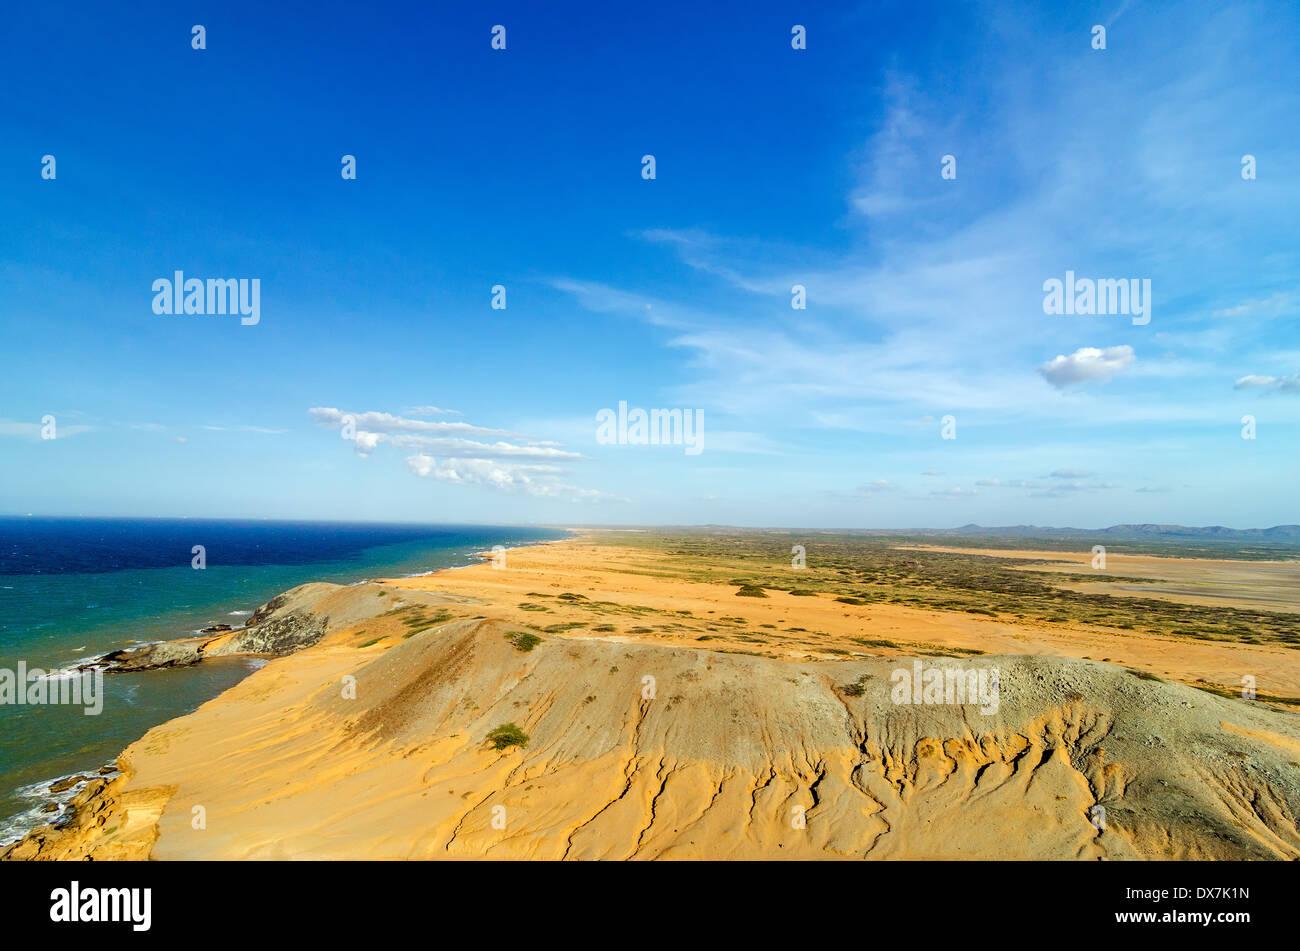 Dry desert coastal landscape next to Caribbean Sea in La Guajira, Colombia - Stock Image